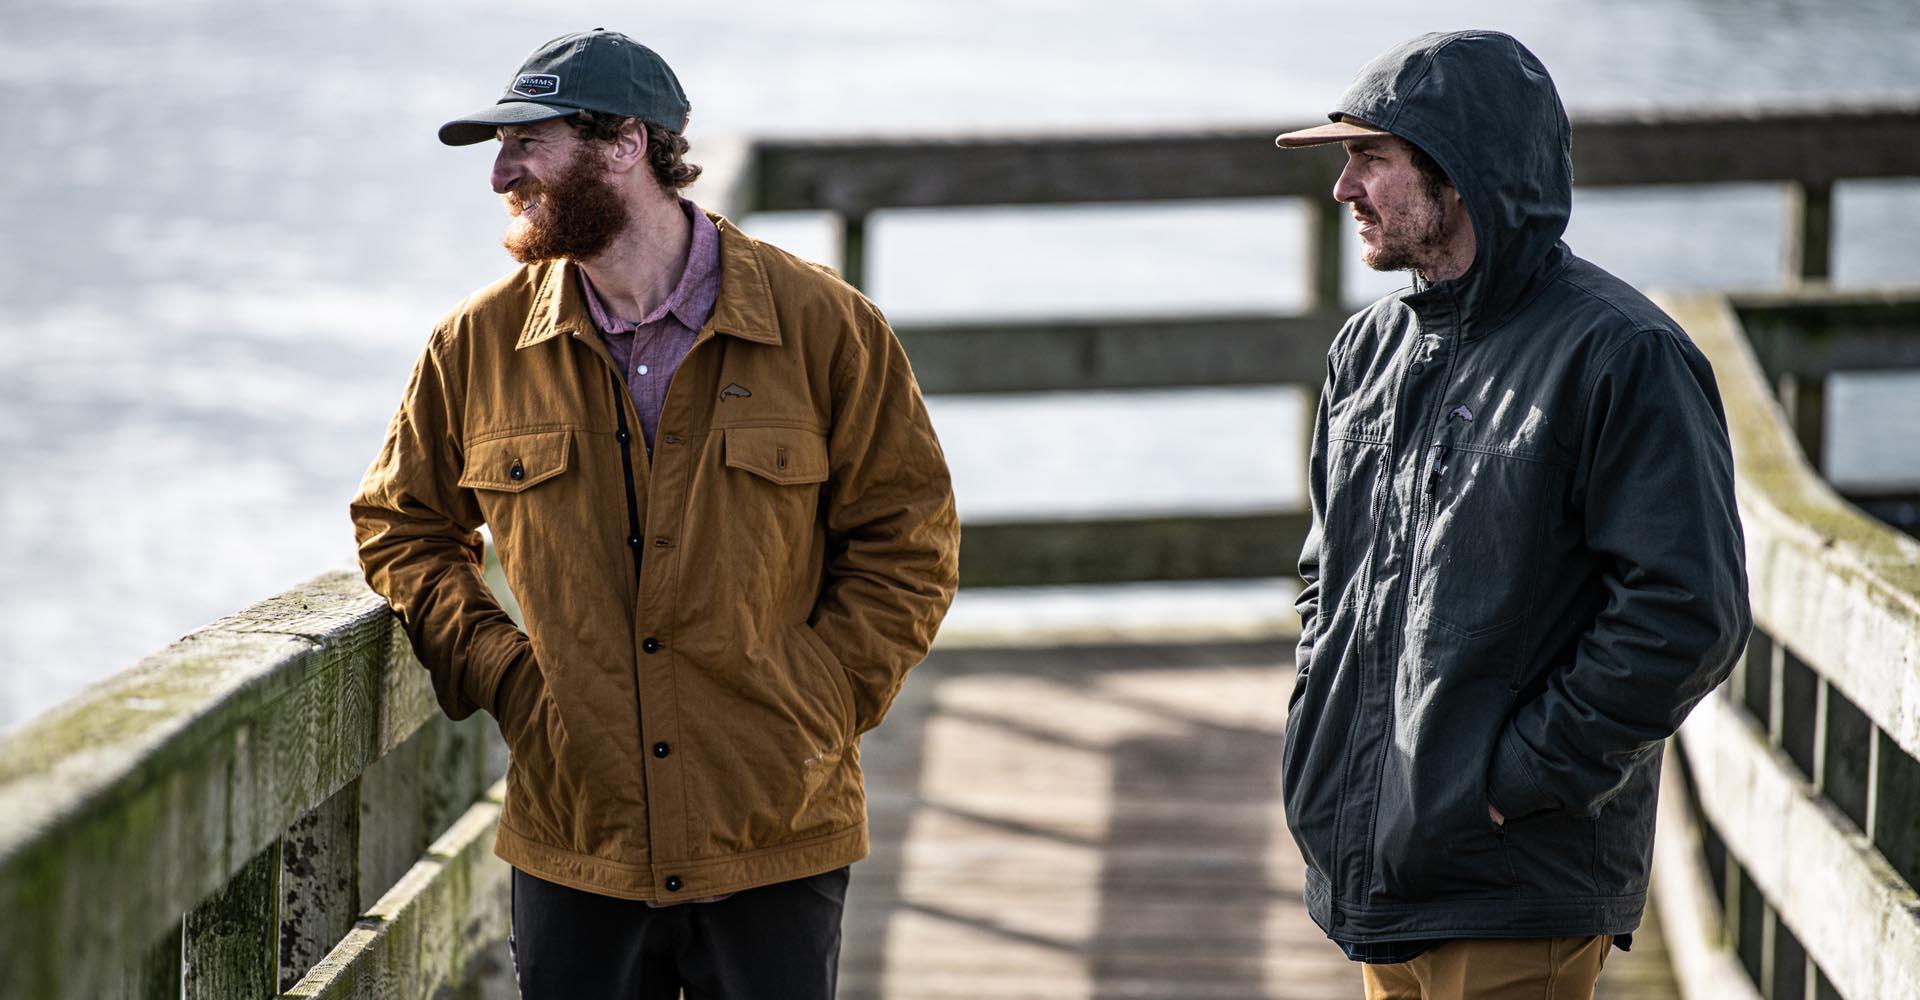 dockwear-jackets-header.jpg